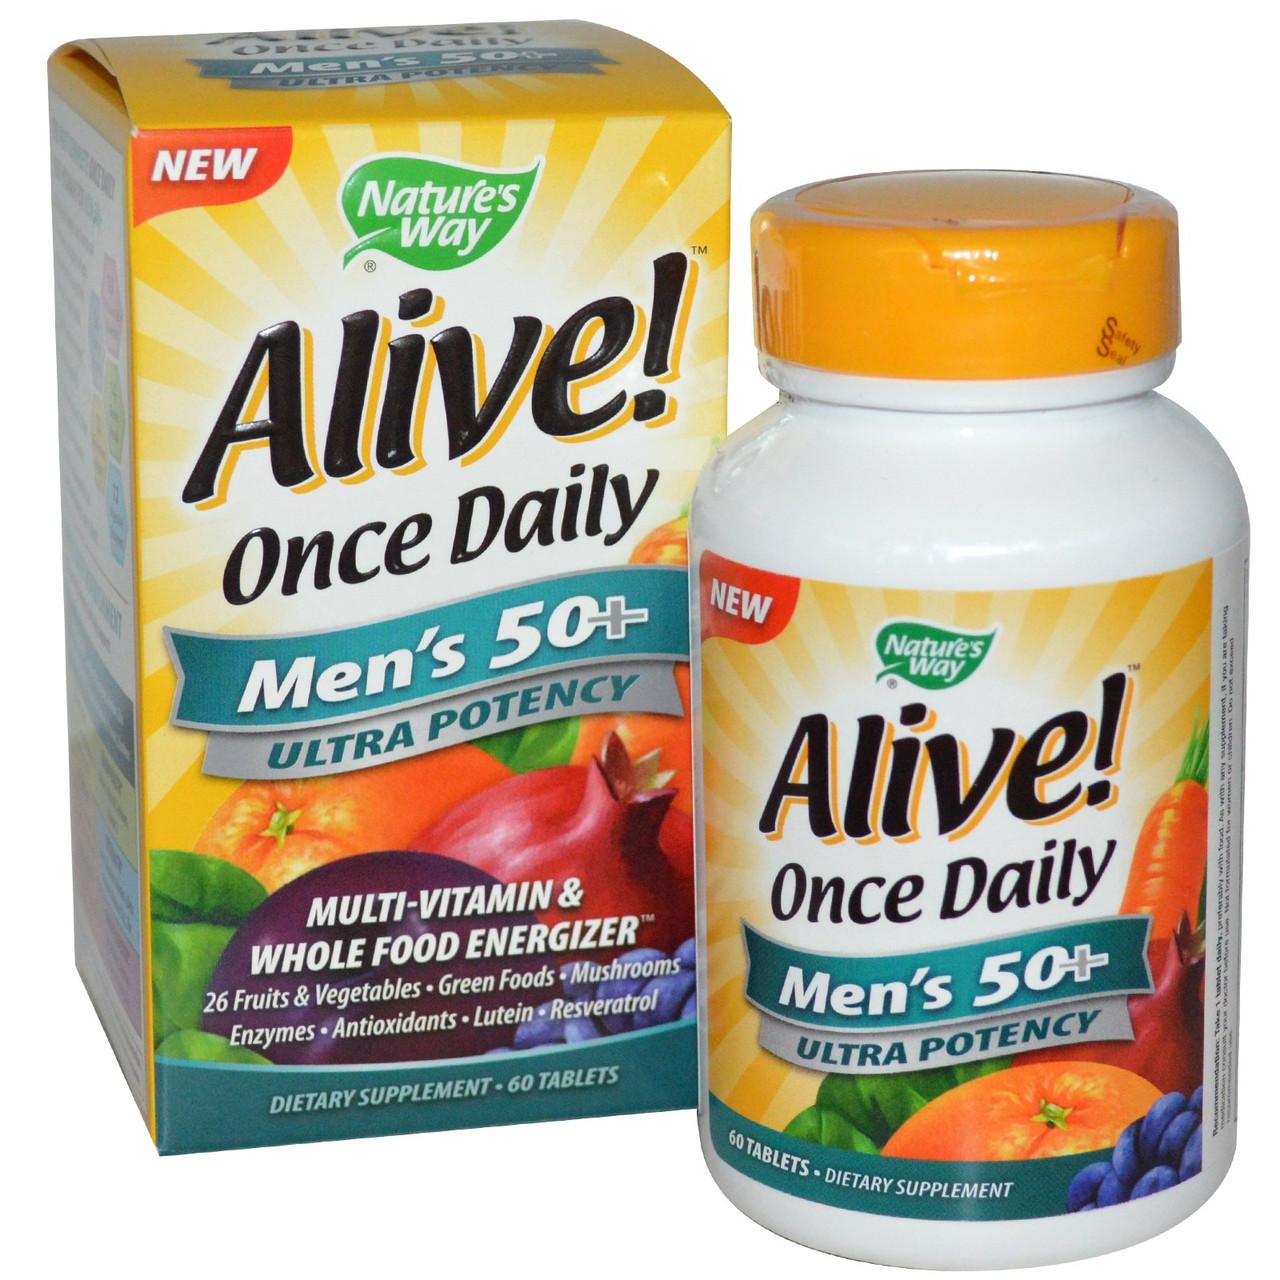 Цельнопищевой мультивитаминный комплекс для мужчин старше 50 лет Nature's Way, Alive! Сделано в США.